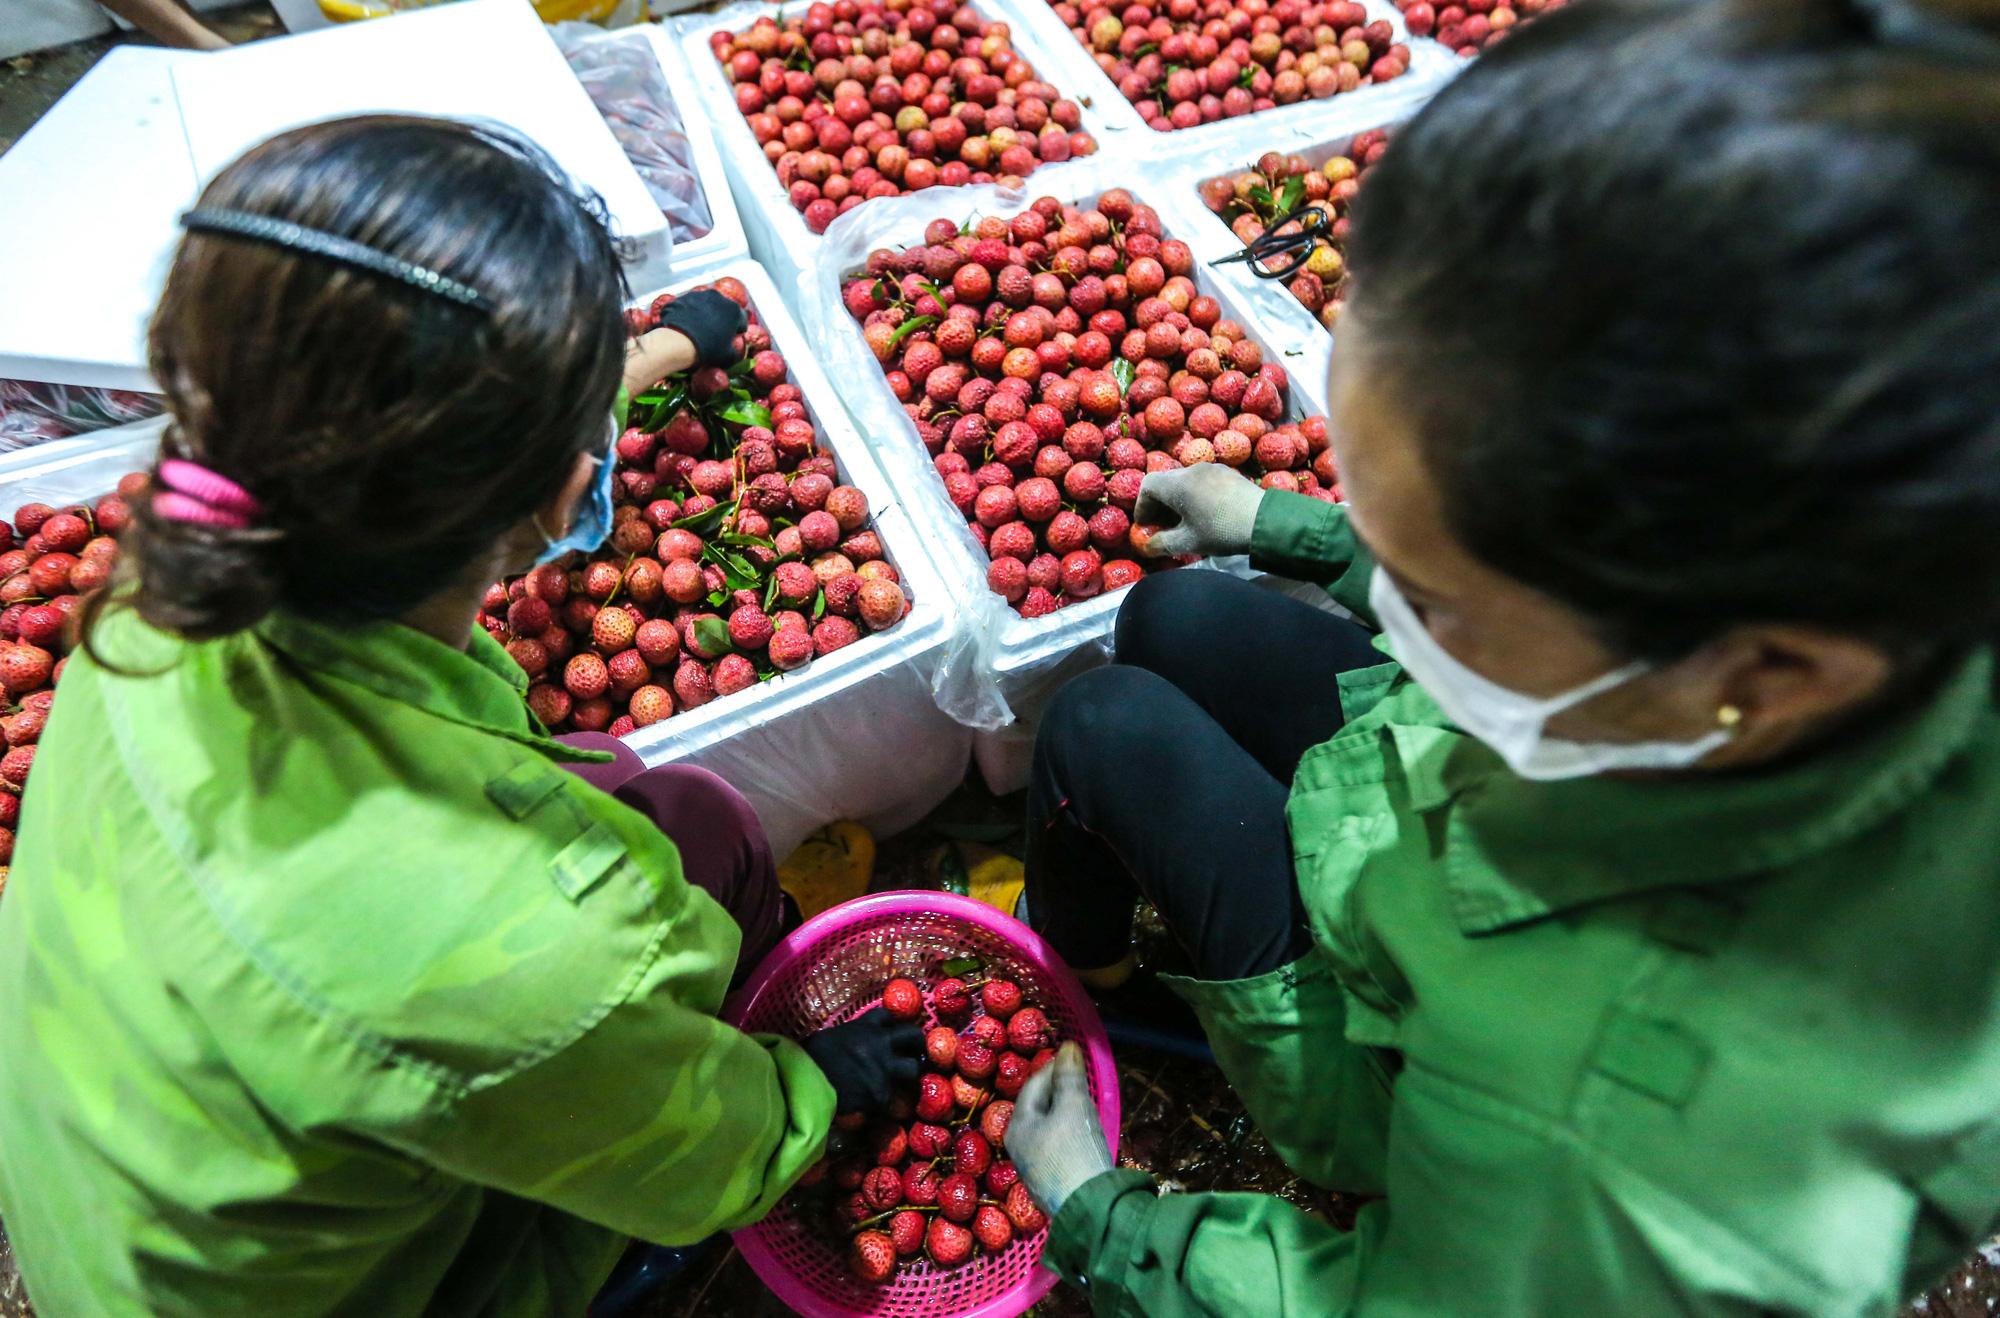 CLIP: Xuyên đêm đóng gói vải đưa sang Trung Quốc tiêu thụ - Ảnh 9.